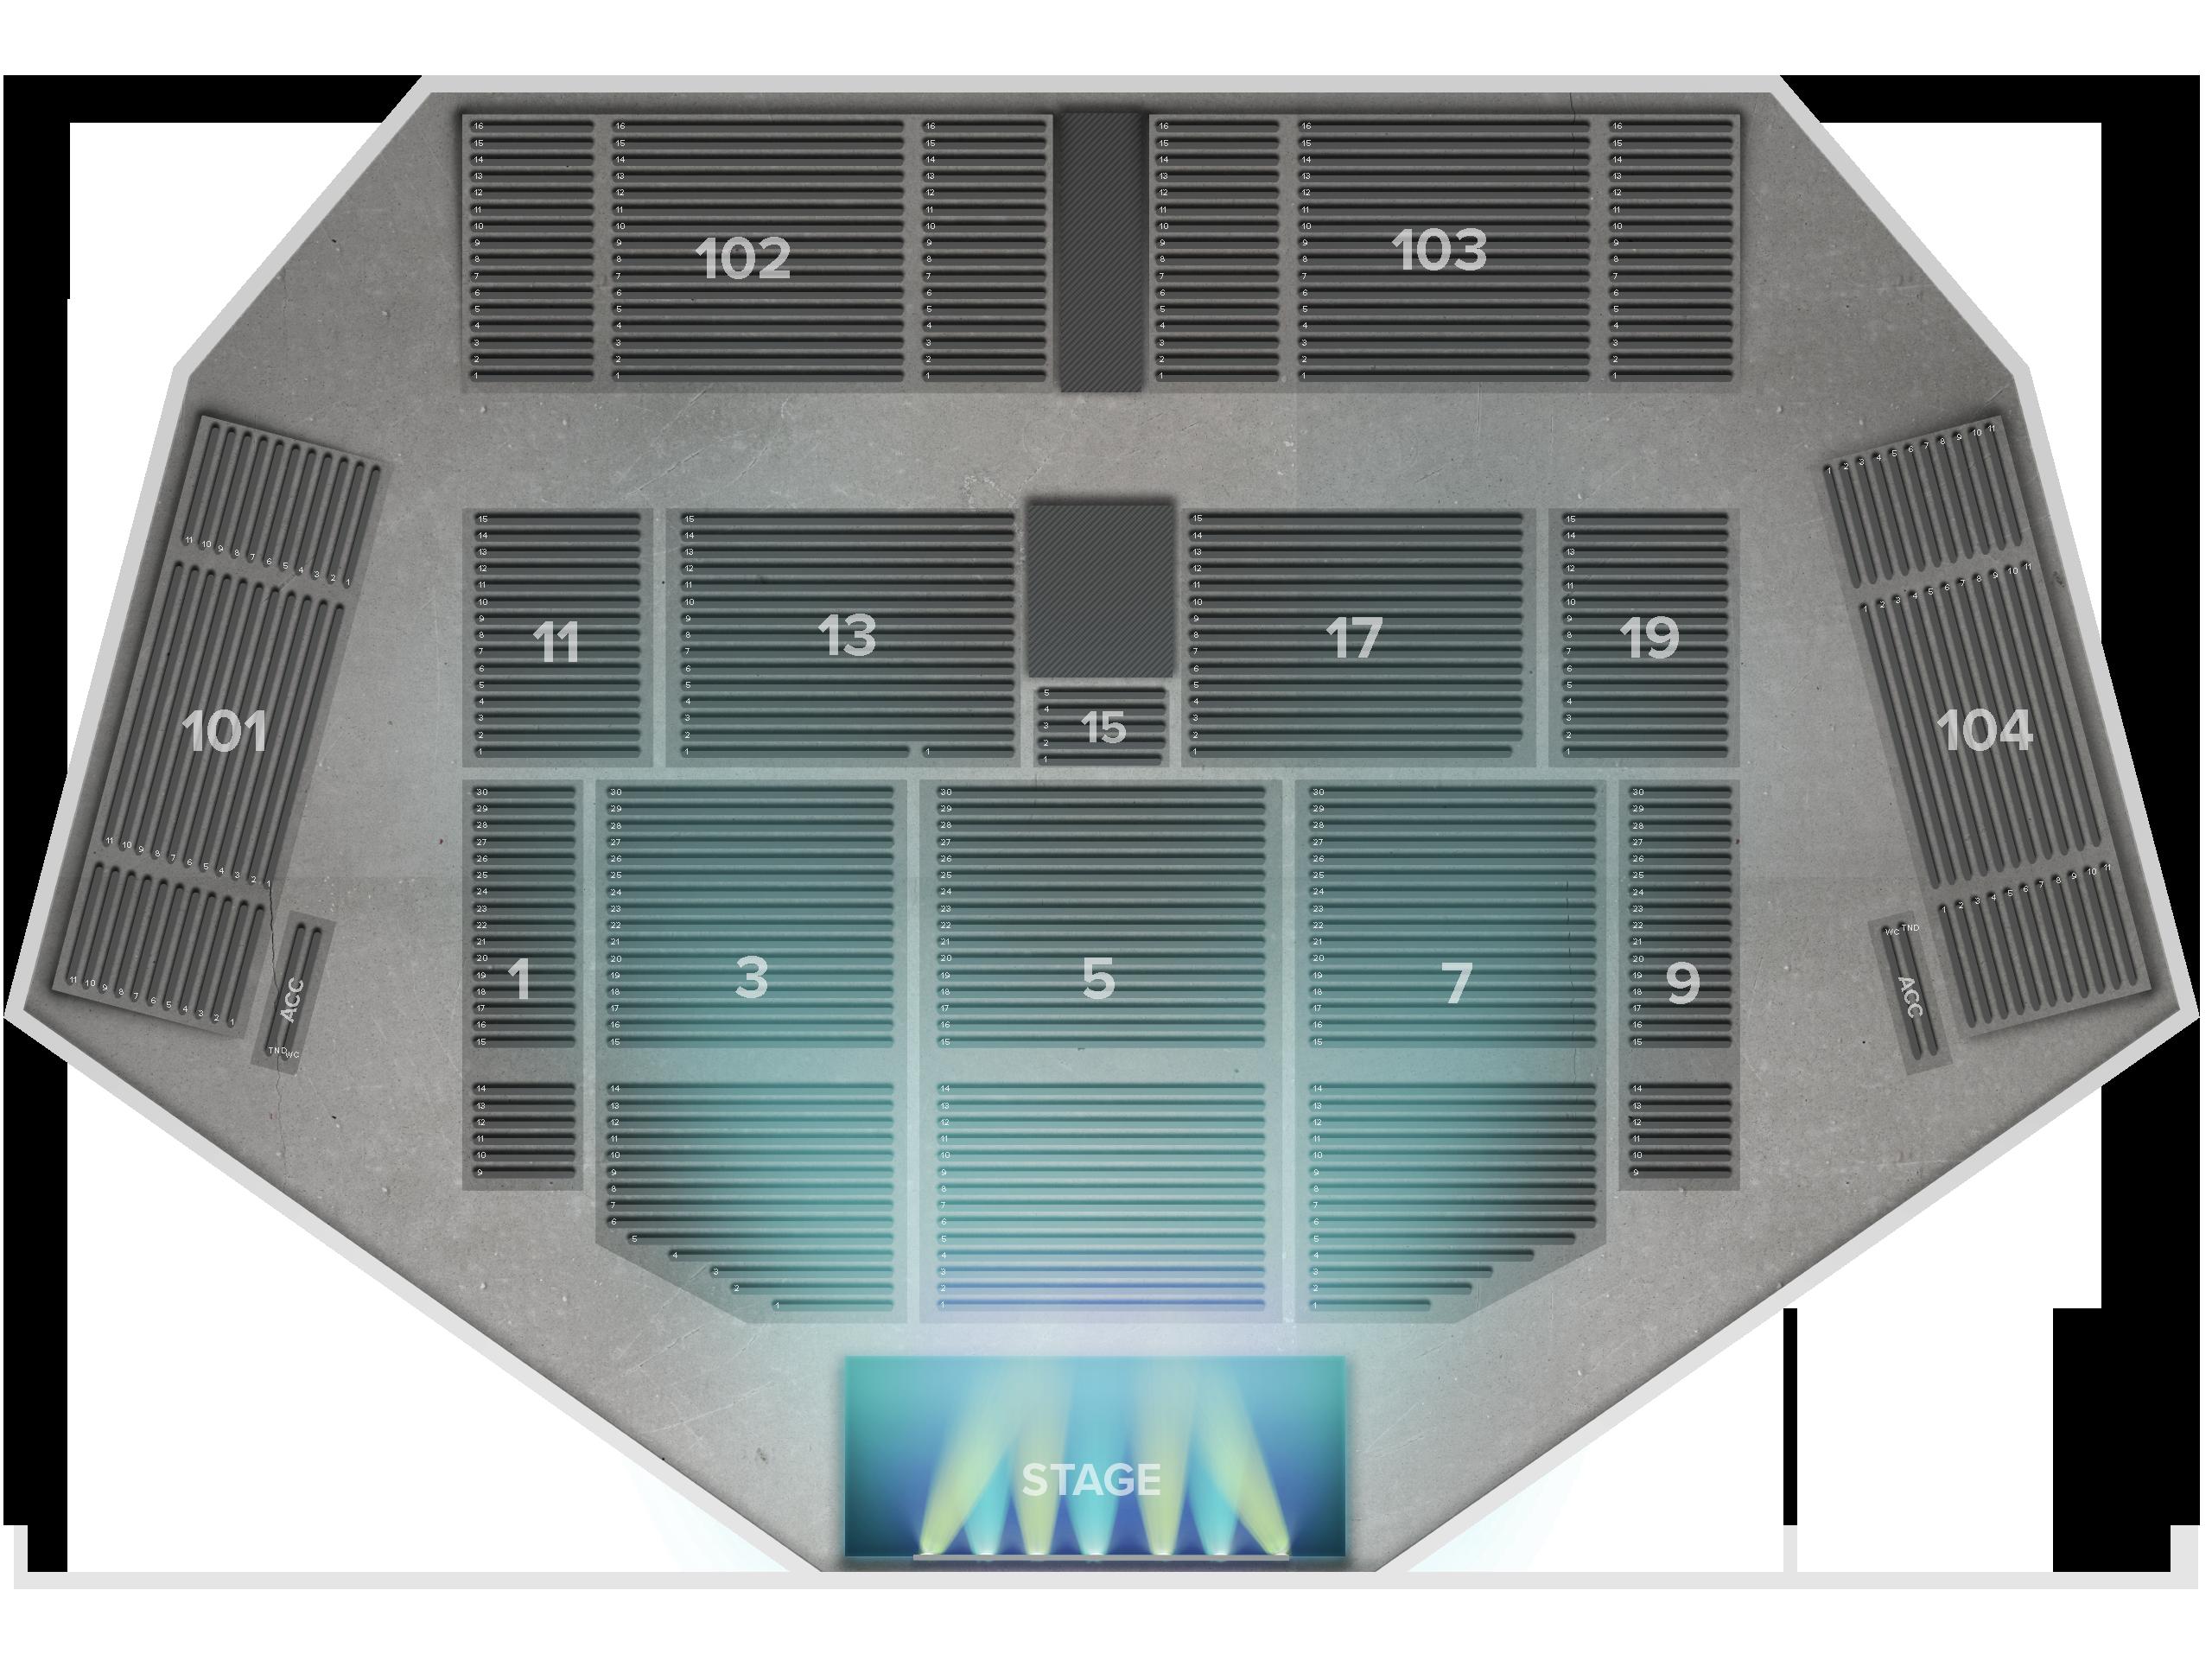 Harveys Outdoor Amphitheater Tickets